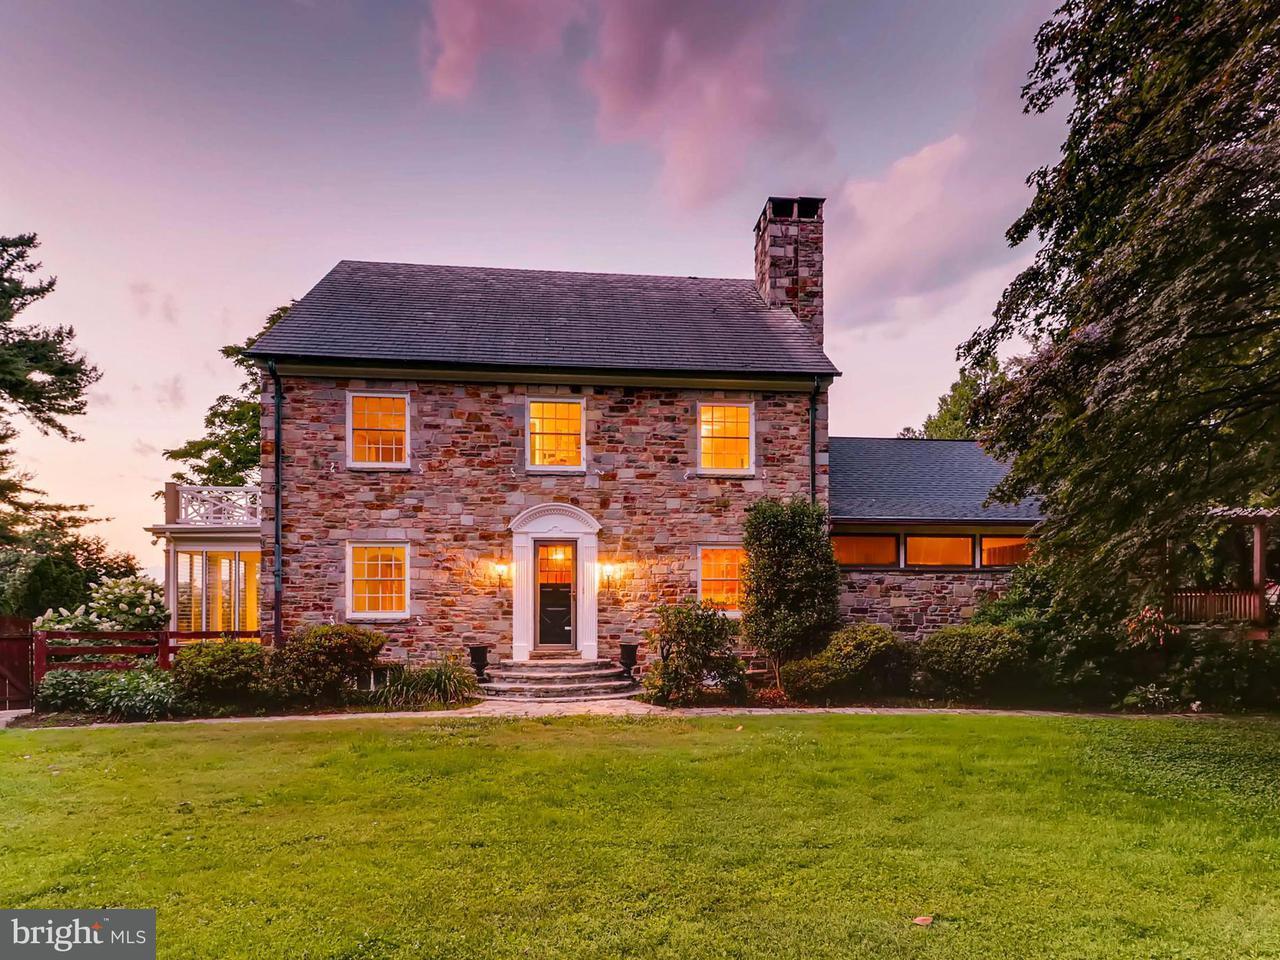 独户住宅 为 销售 在 500 Westminster Road 500 Westminster Road Reisterstown, 马里兰州 21136 美国